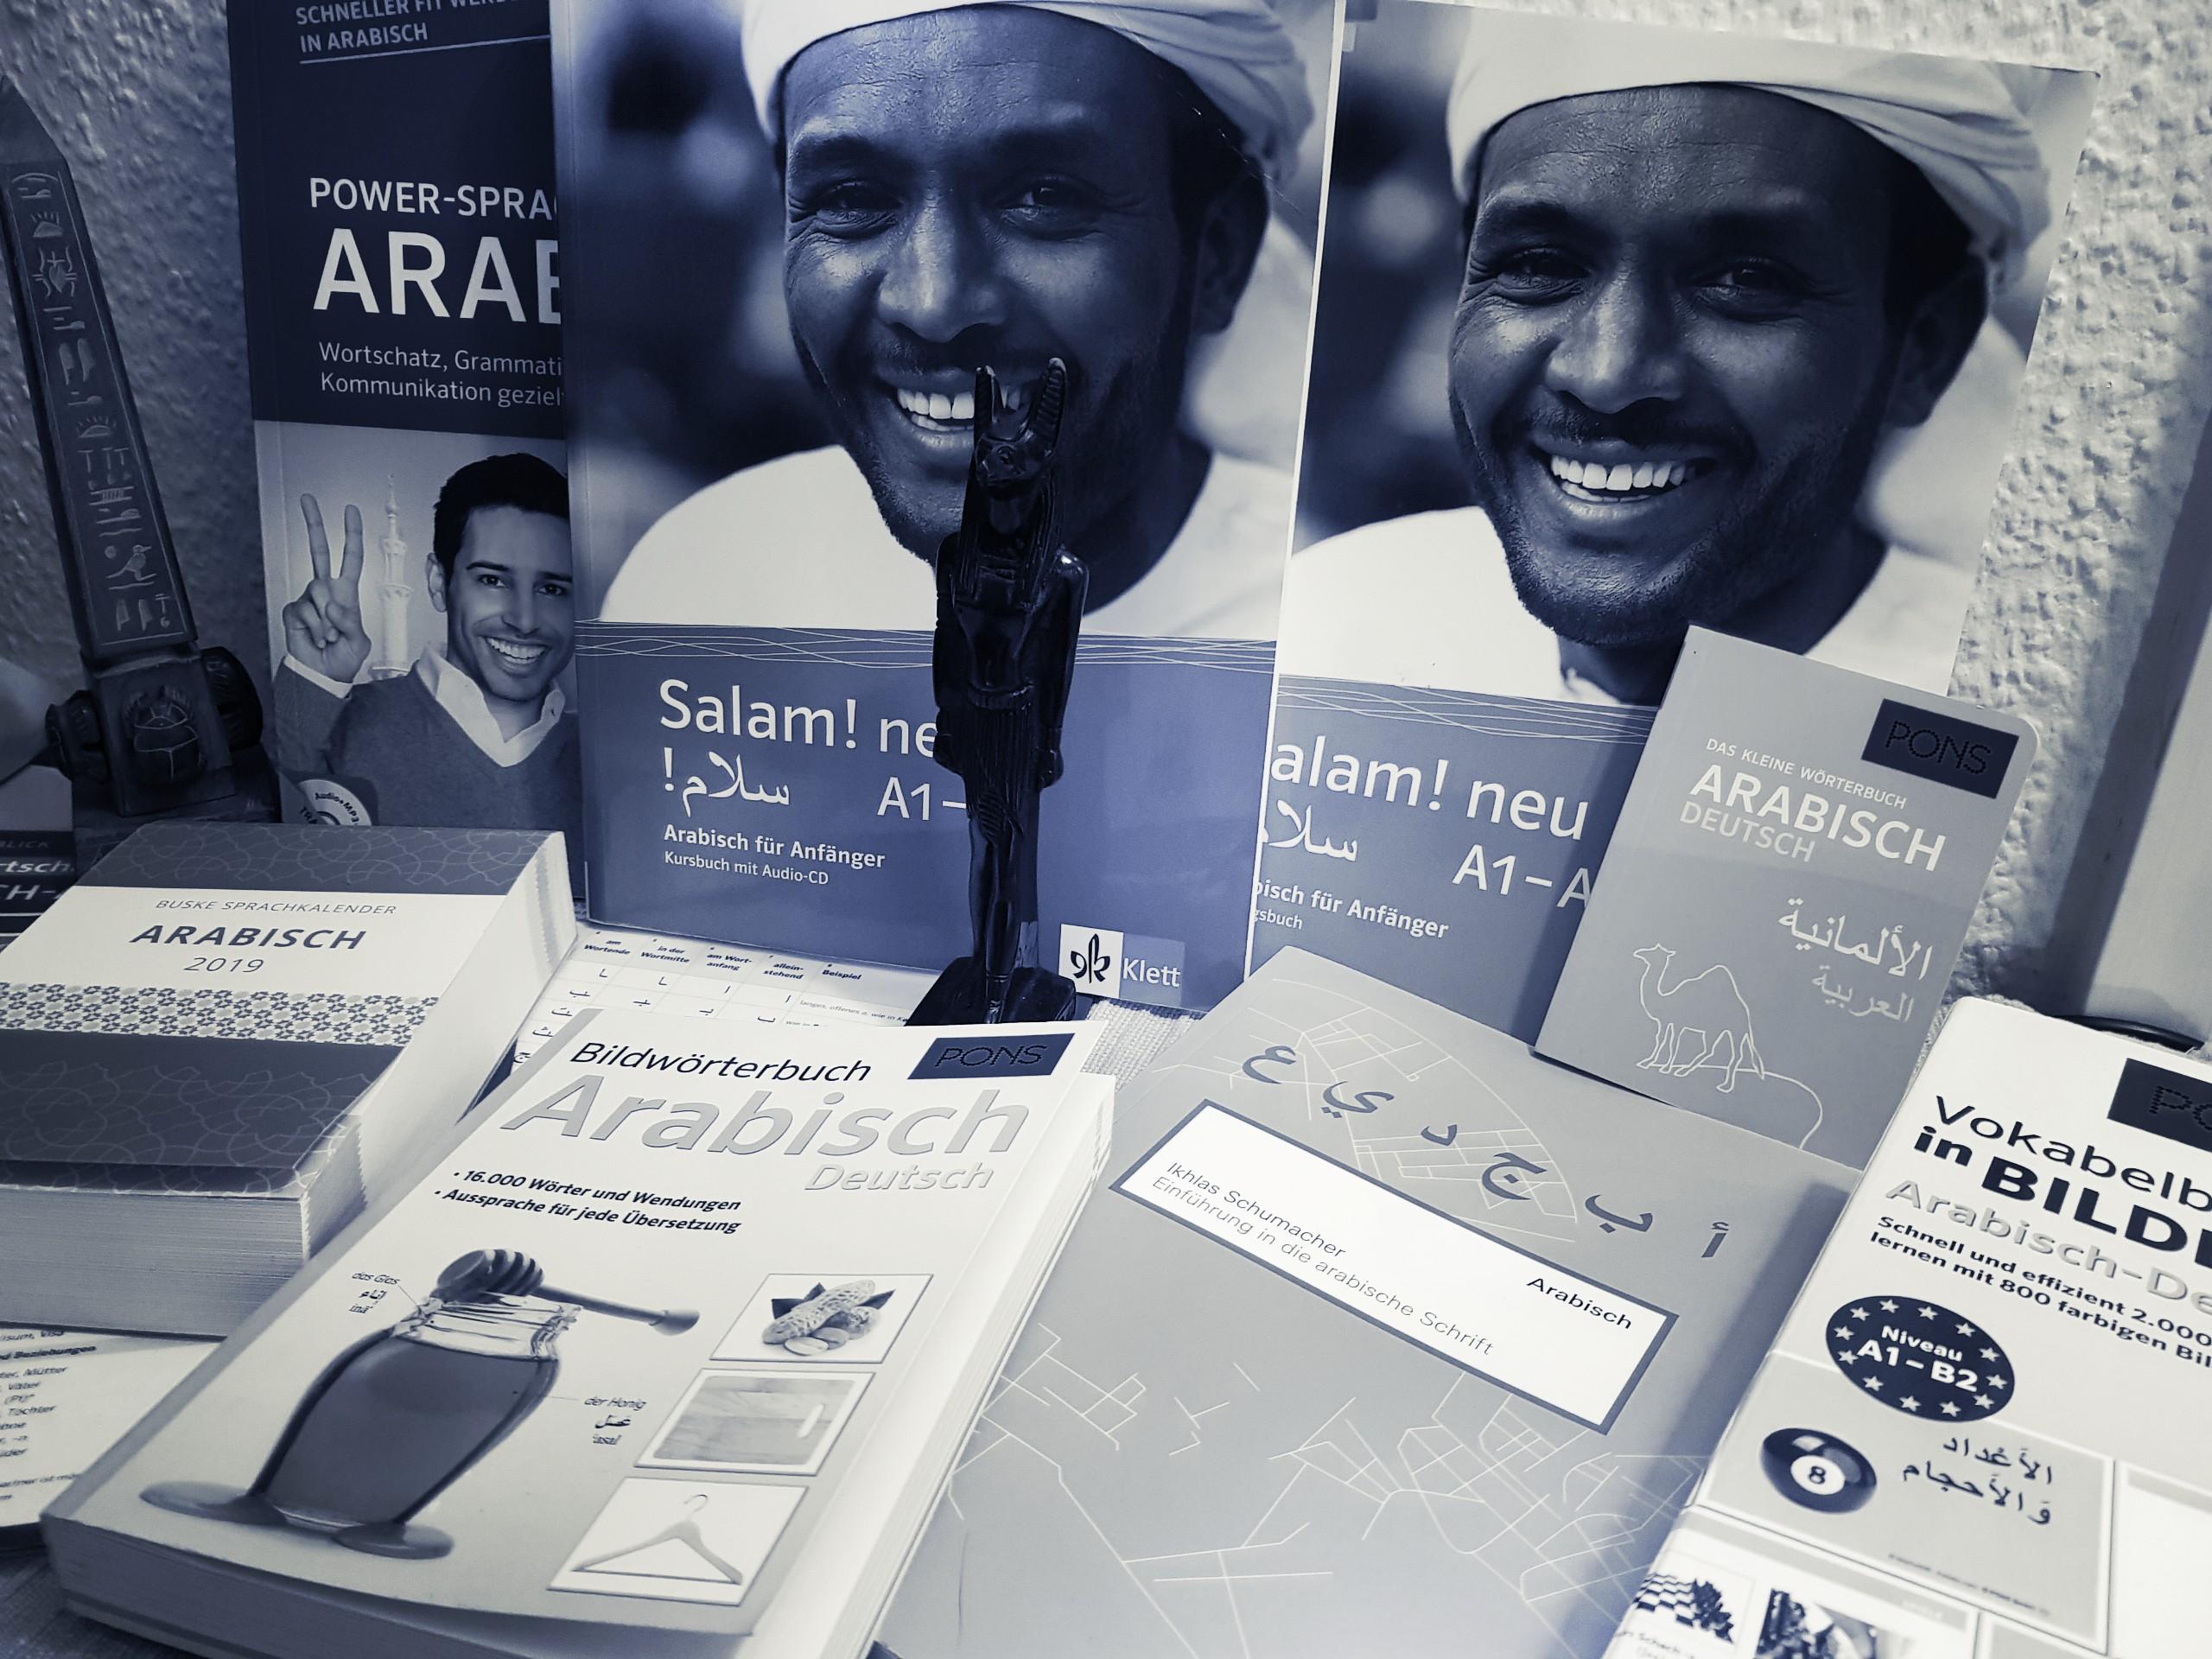 [Federlesen] Arabischbücher – Womit lernt es sich am besten?